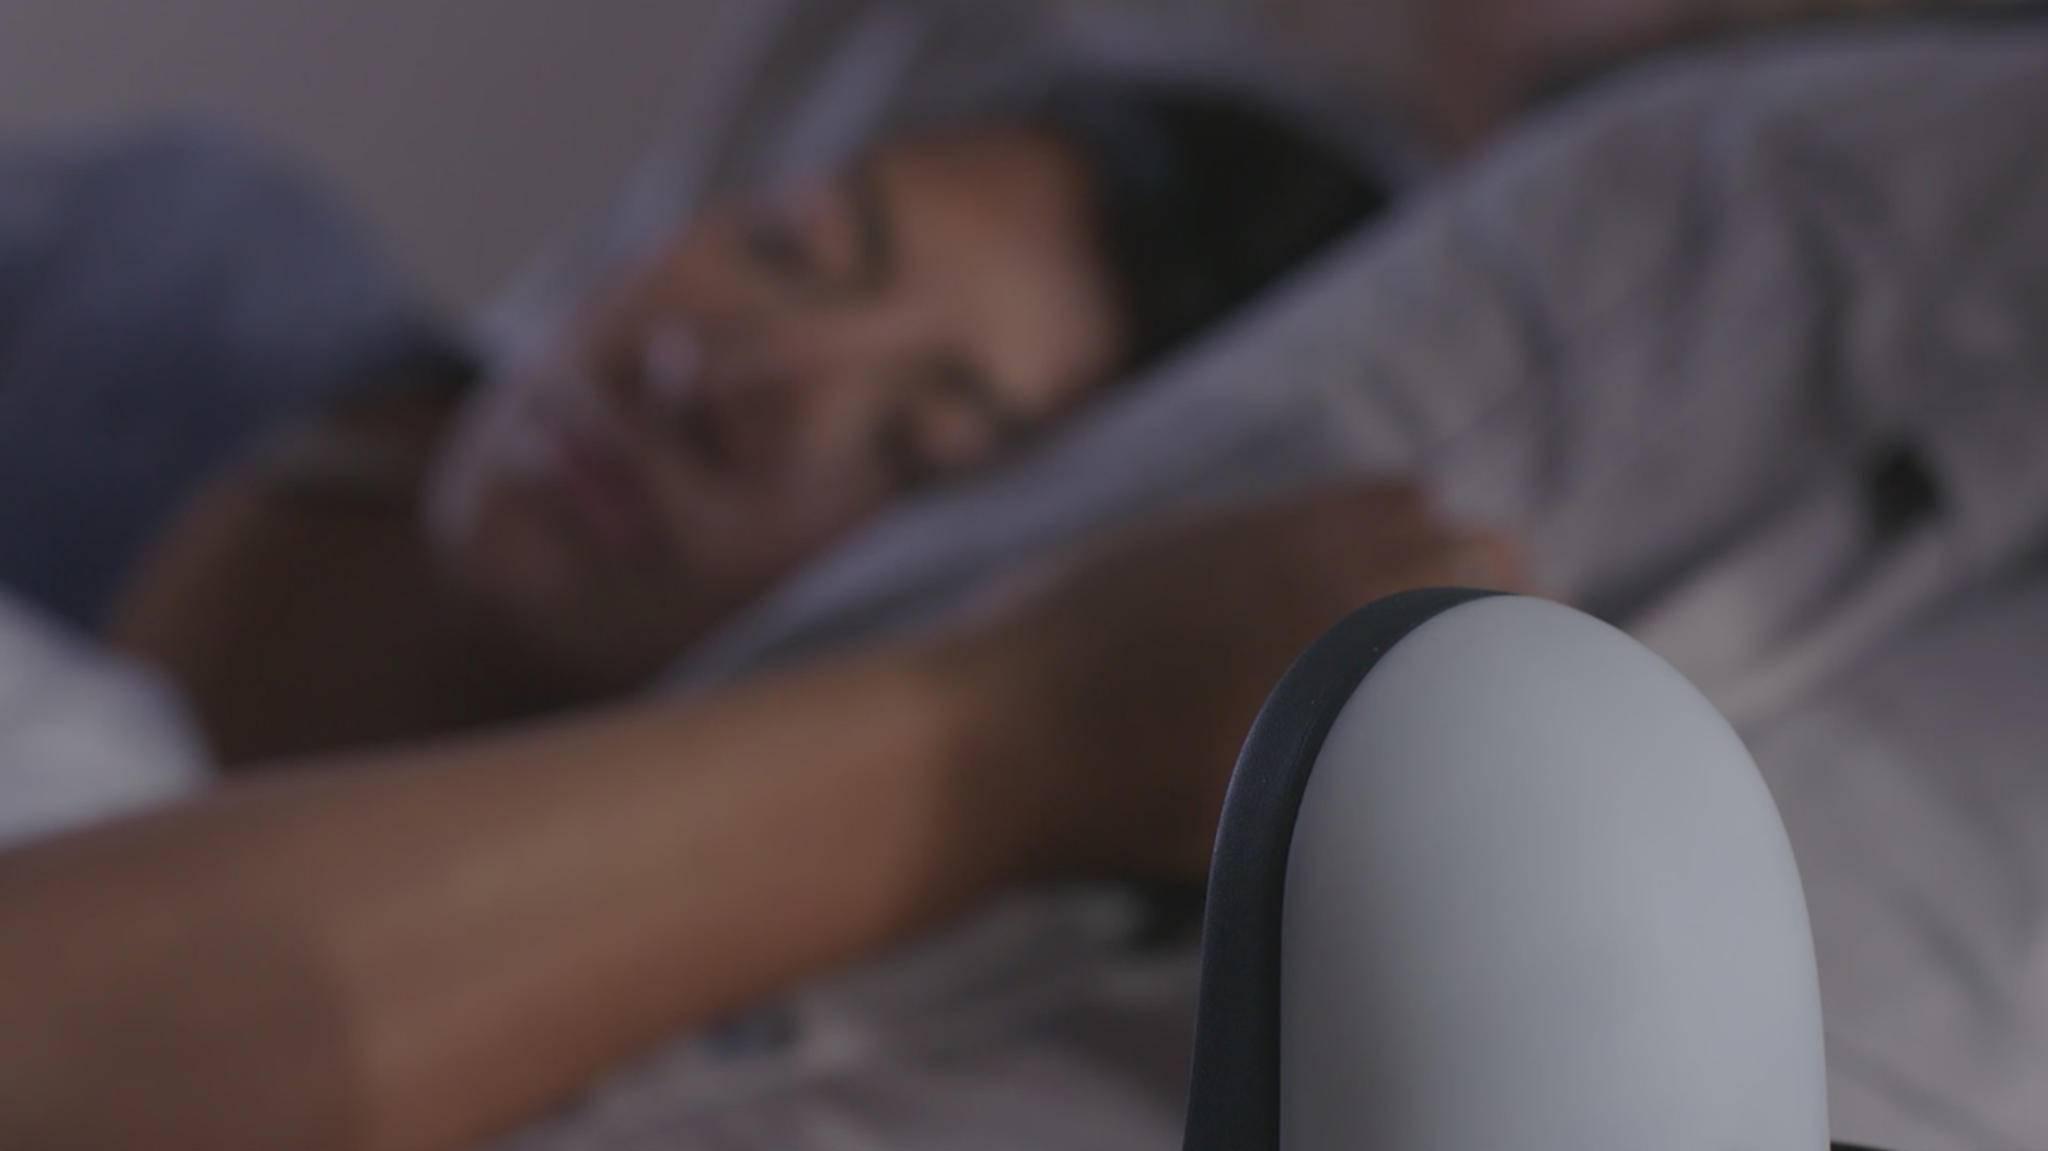 Auf dem Nachttisch soll Somnicloud für eine entspannte Nachtruhe sorgen.